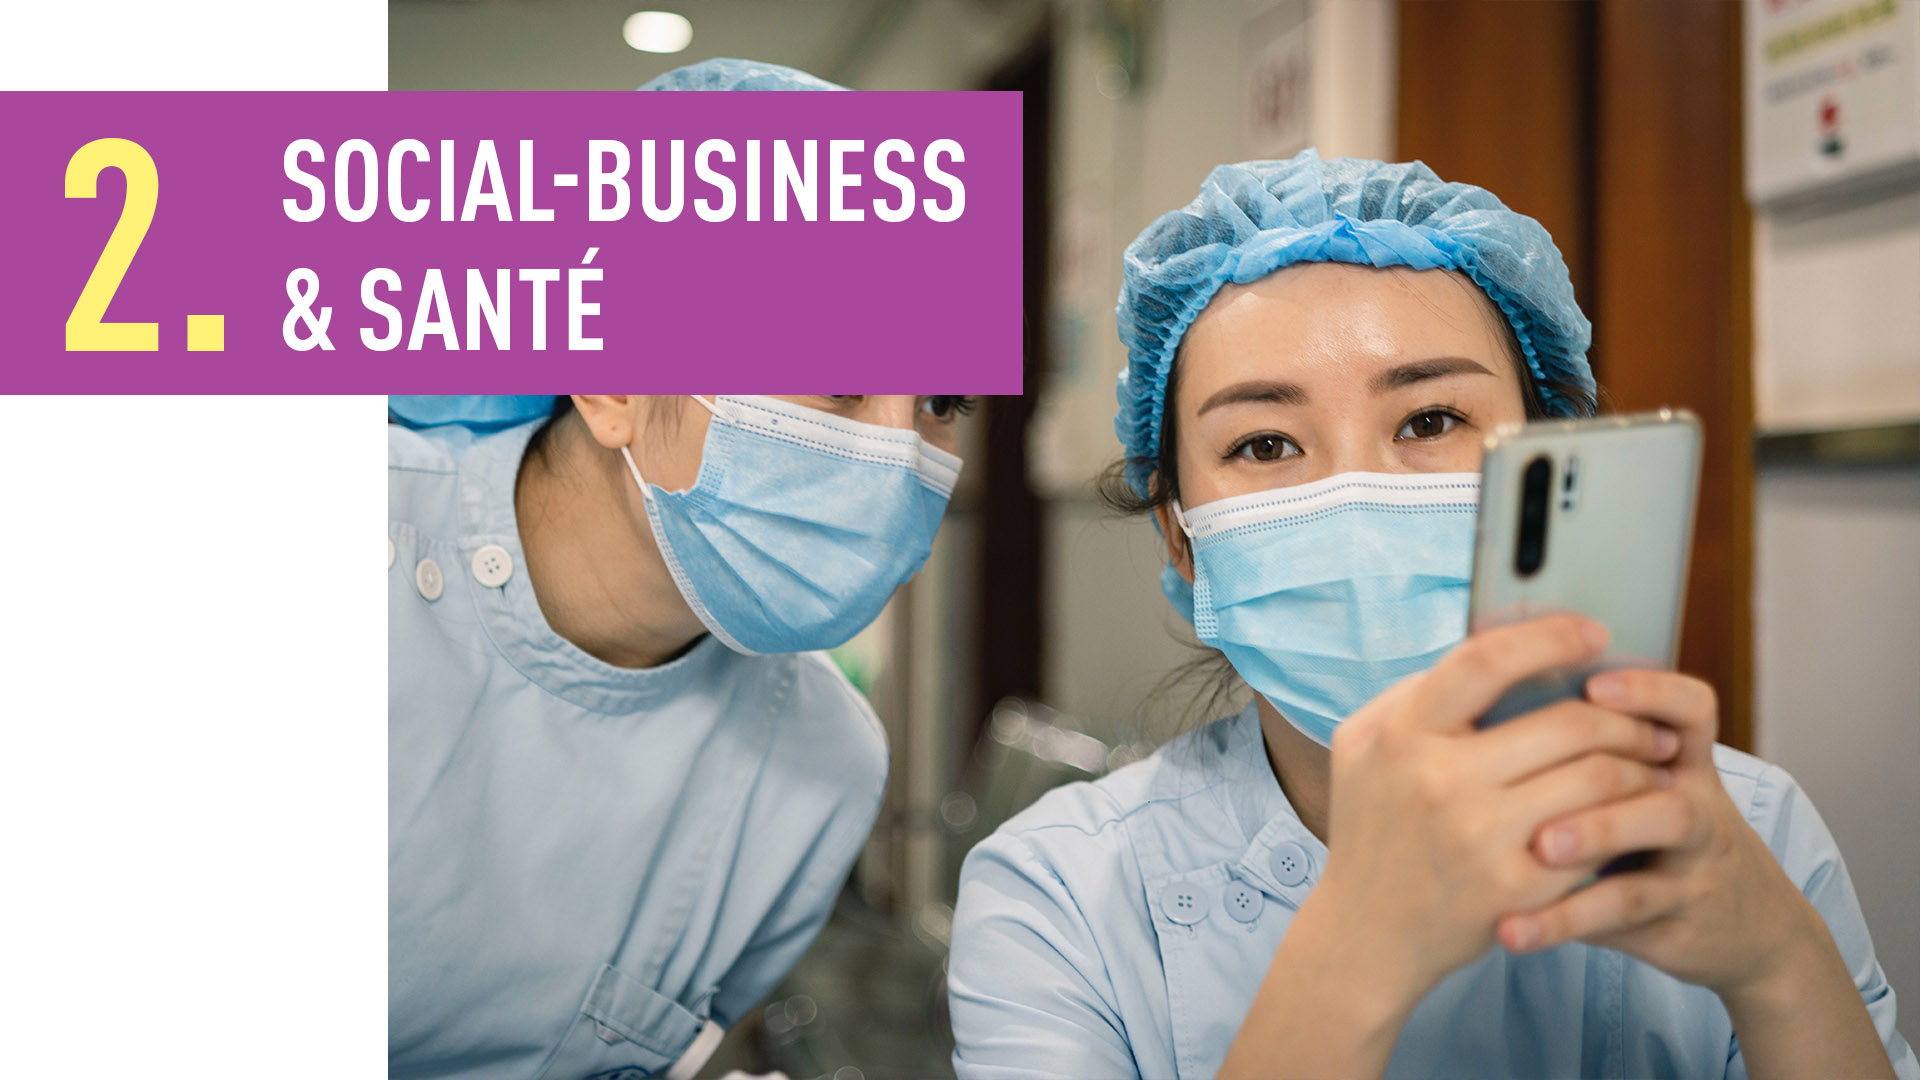 SOCIAL-BUSINESS & SANTÉ